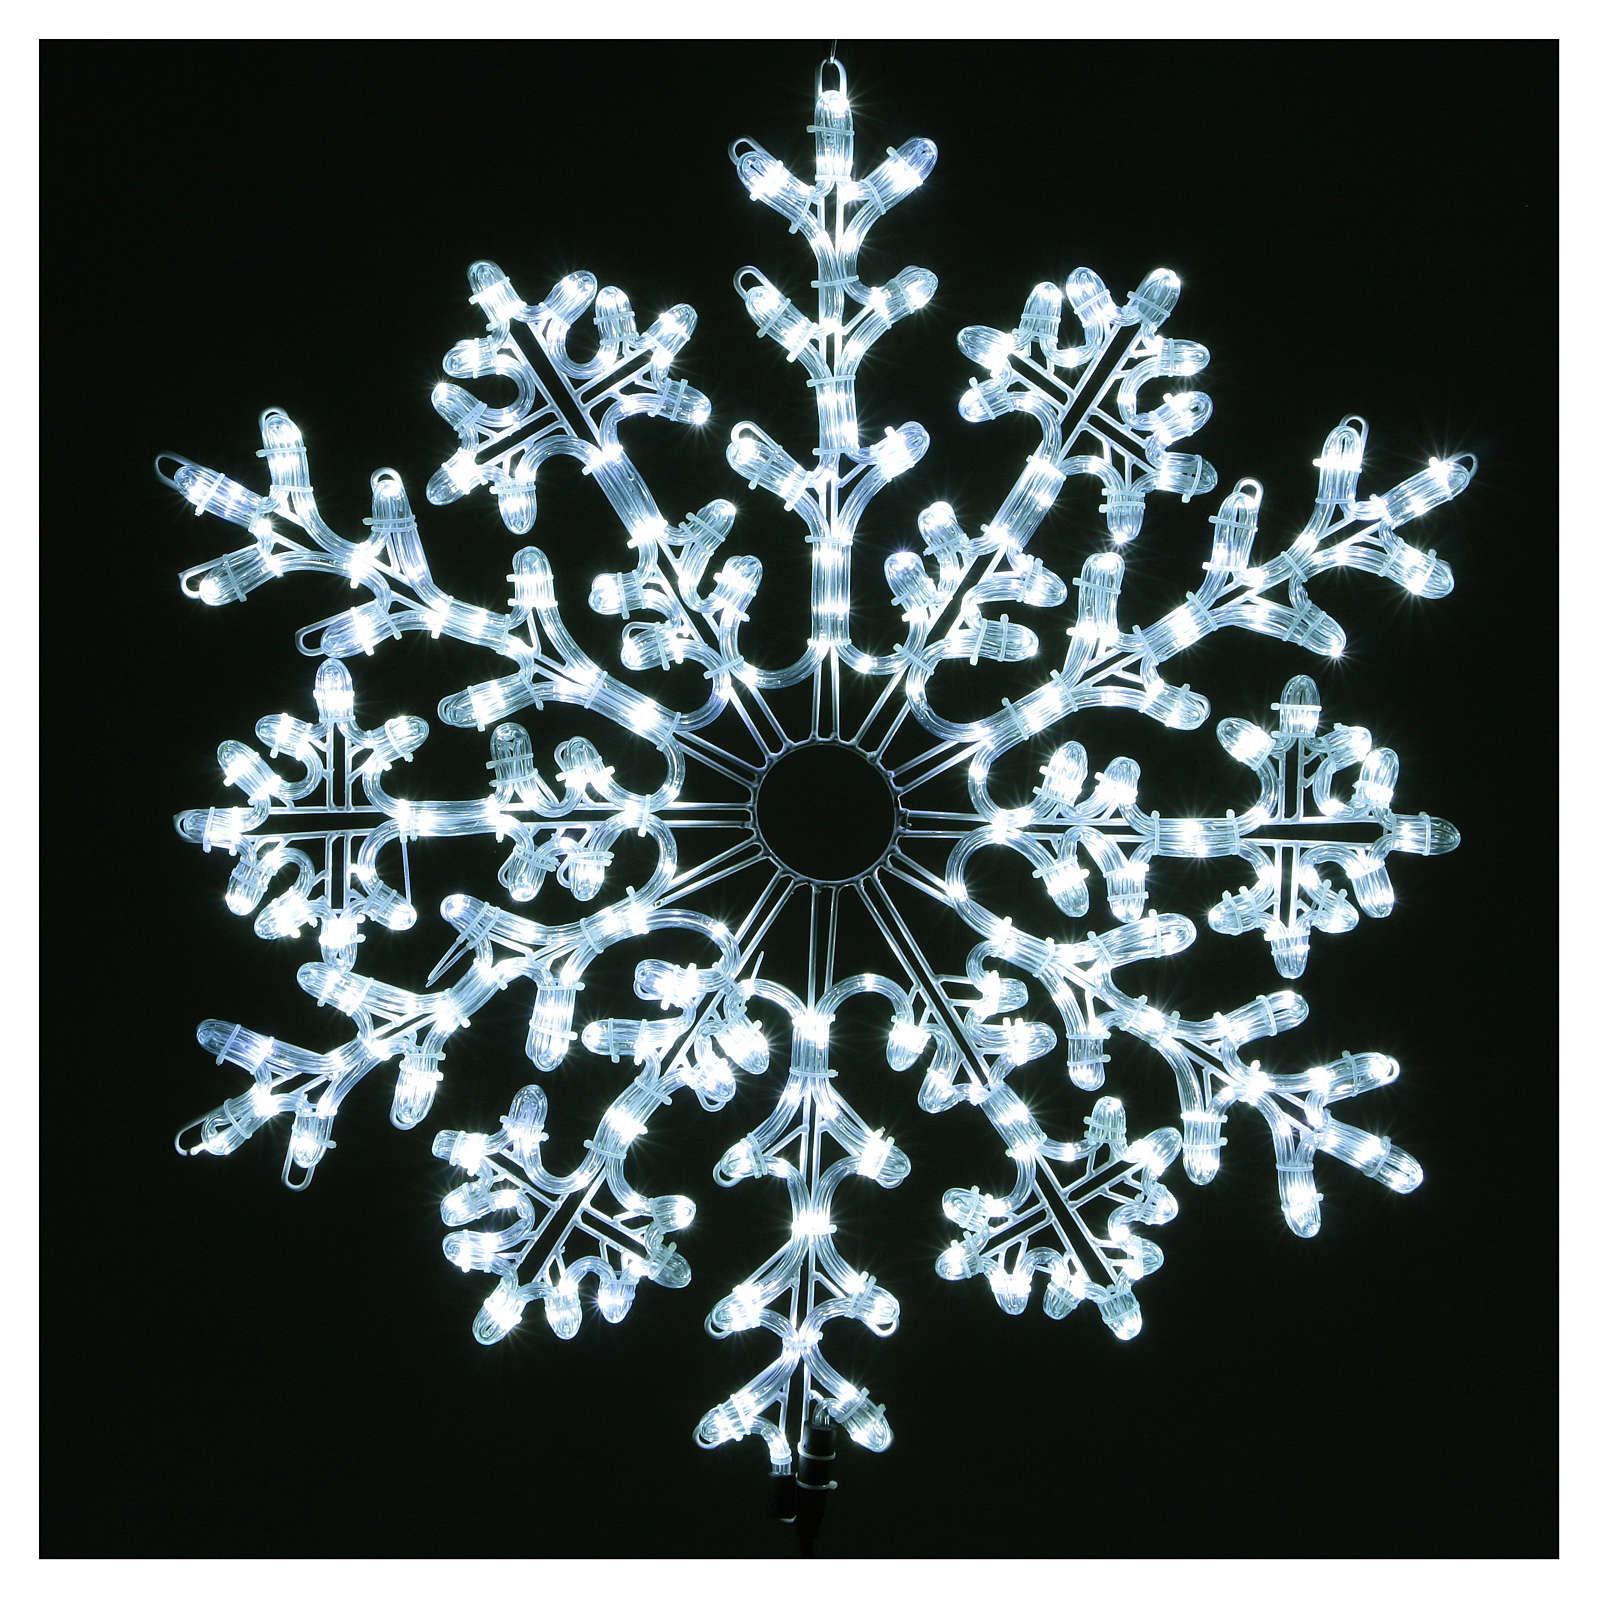 Fiocco di neve 336 Led Bianco ghiaccio interno ed esterno 3